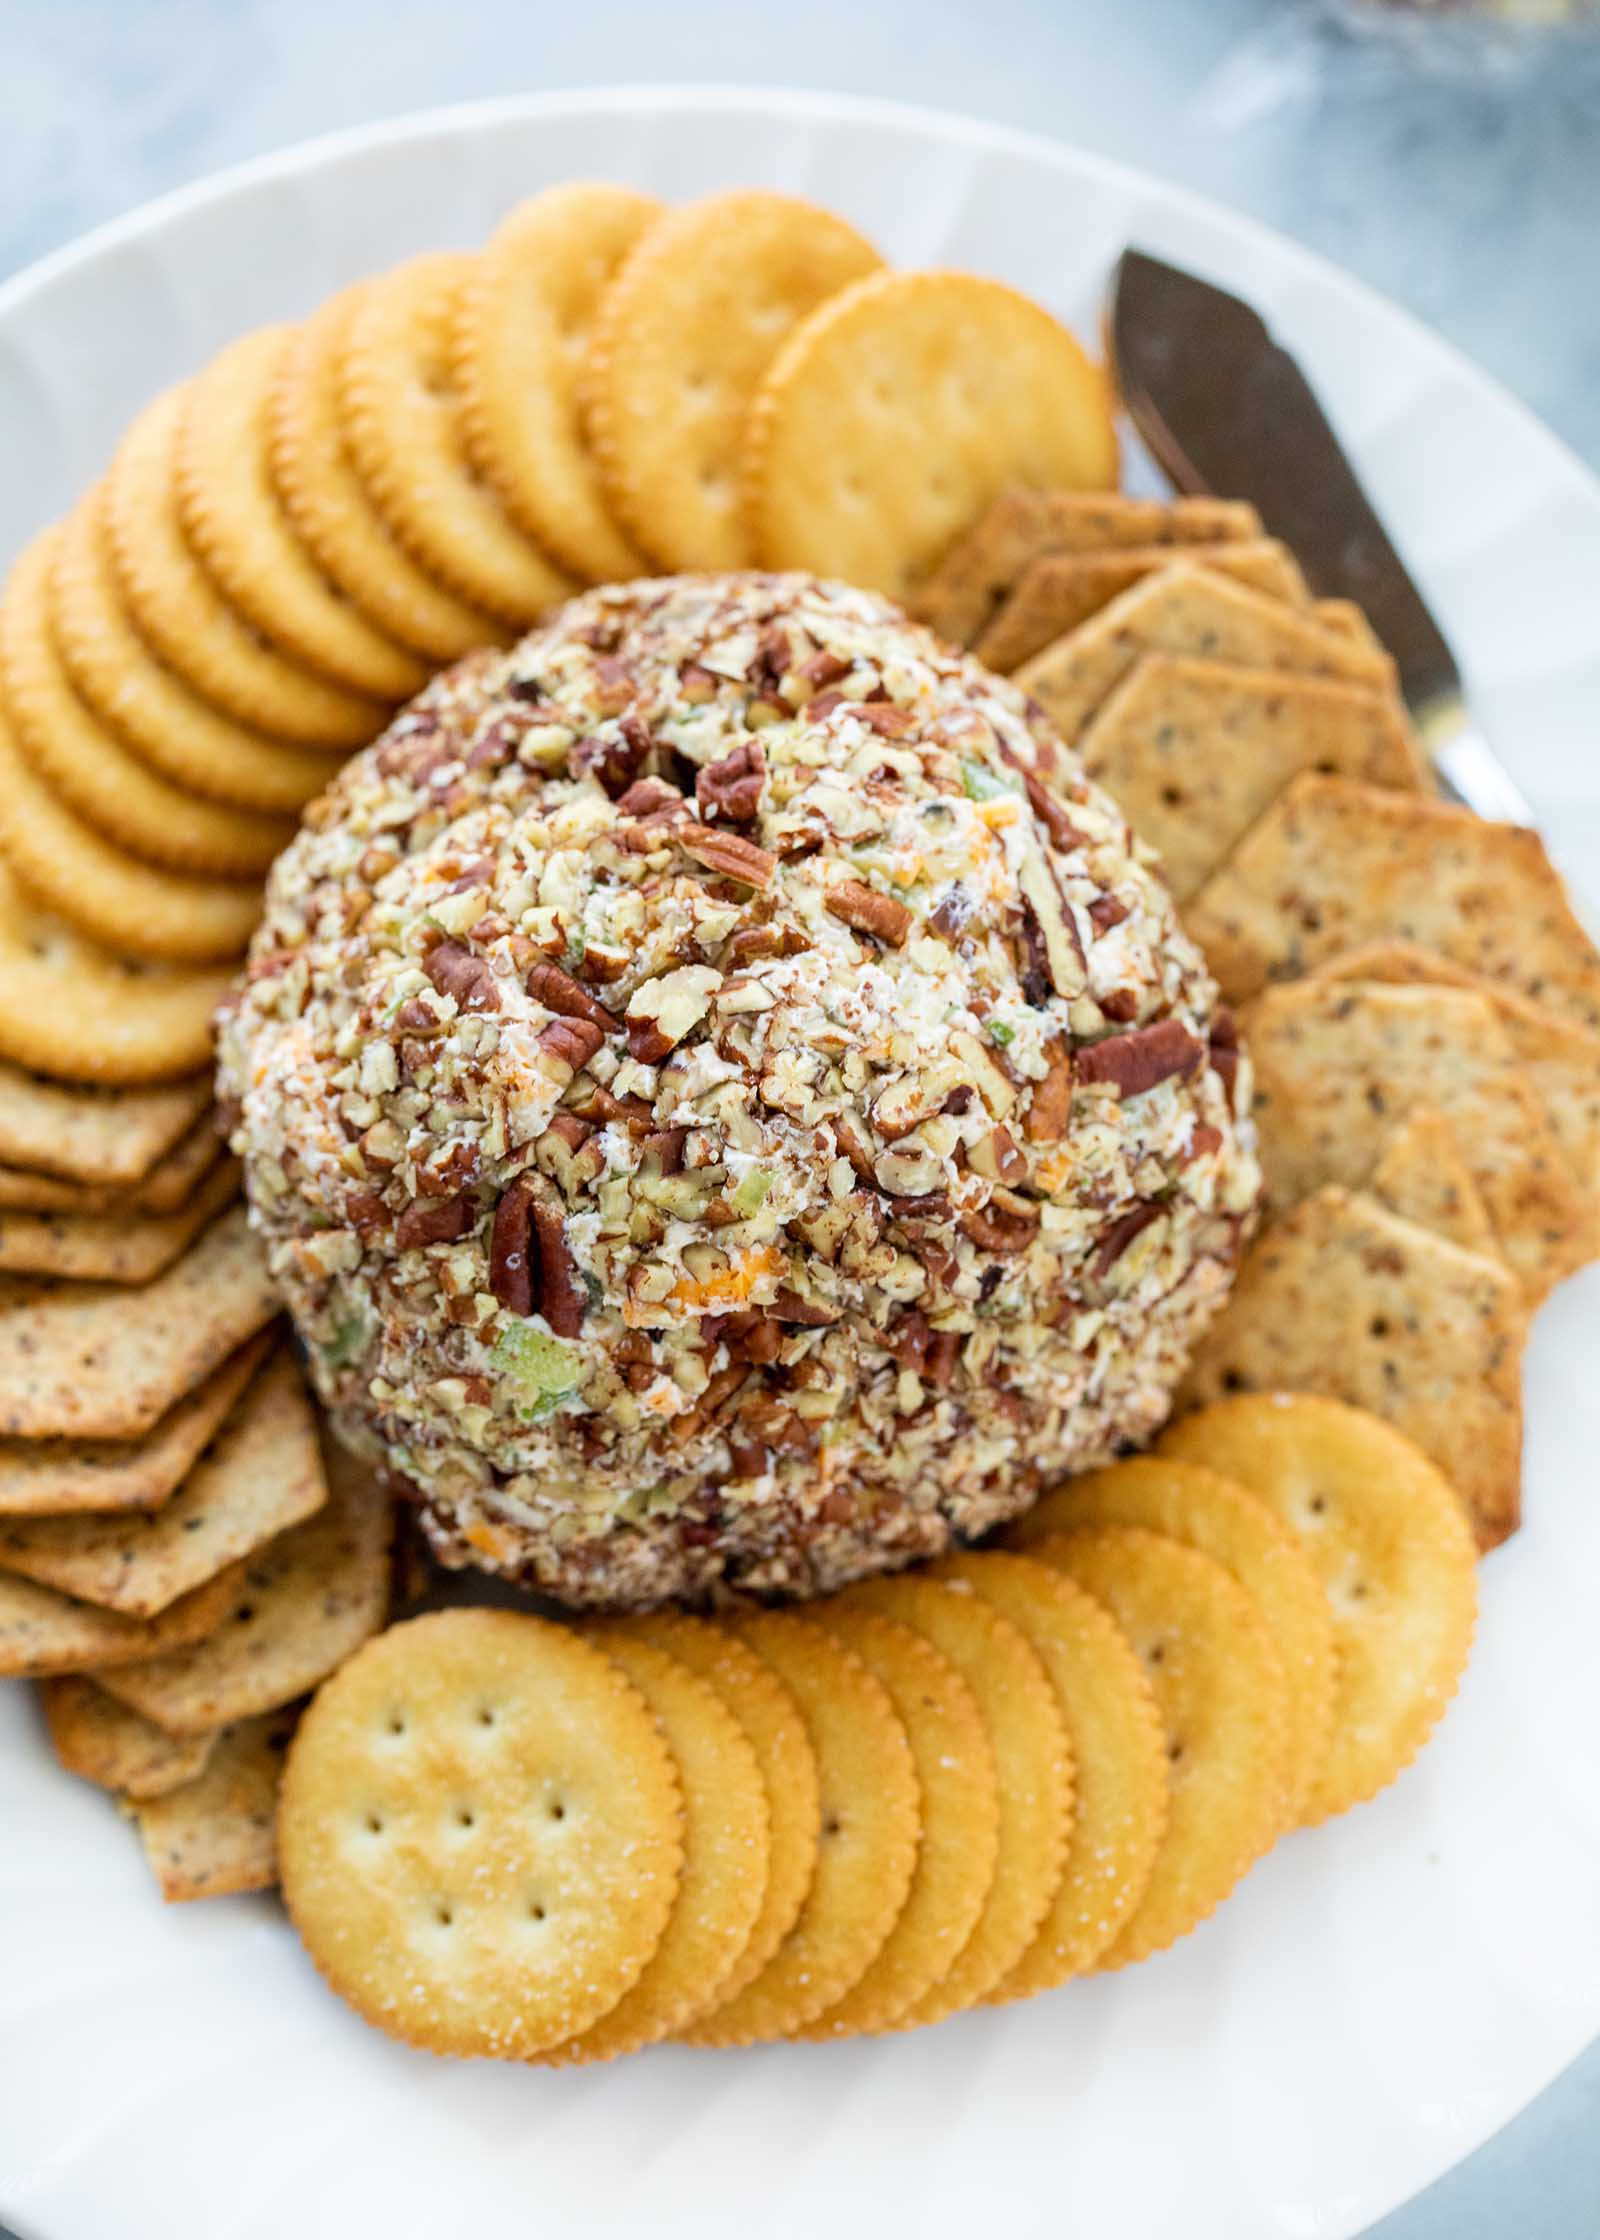 Классический сырный шарик в центре тарелки, окруженный крекерами.